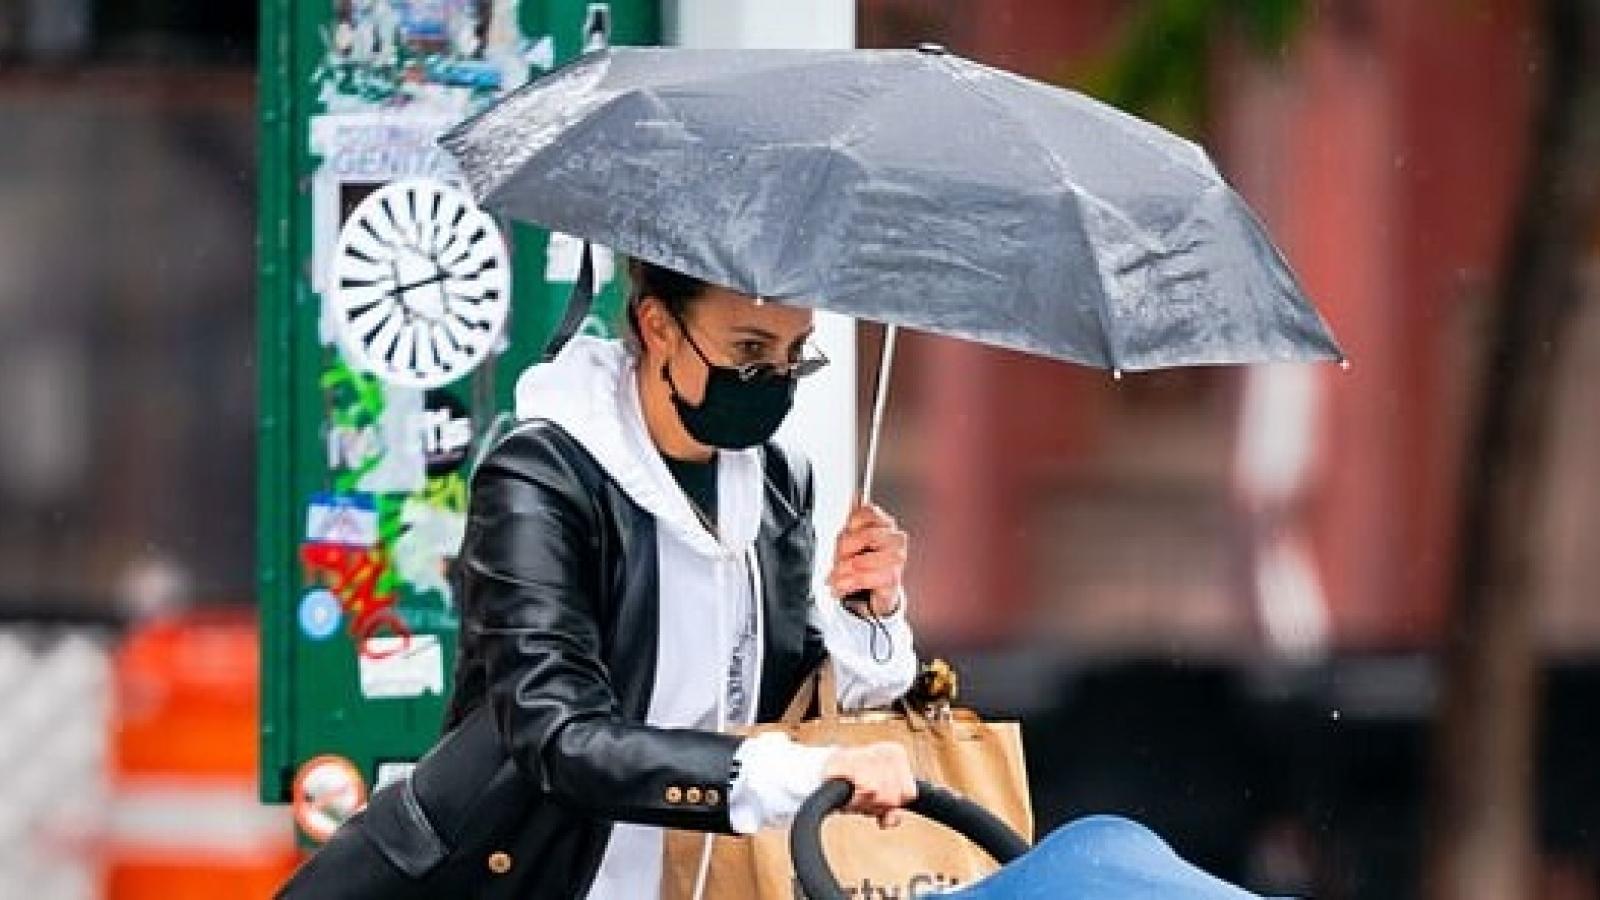 Siêu mẫu Irina Shayk sành điệu đưa con gái đi mua sắm trong ngày mưa